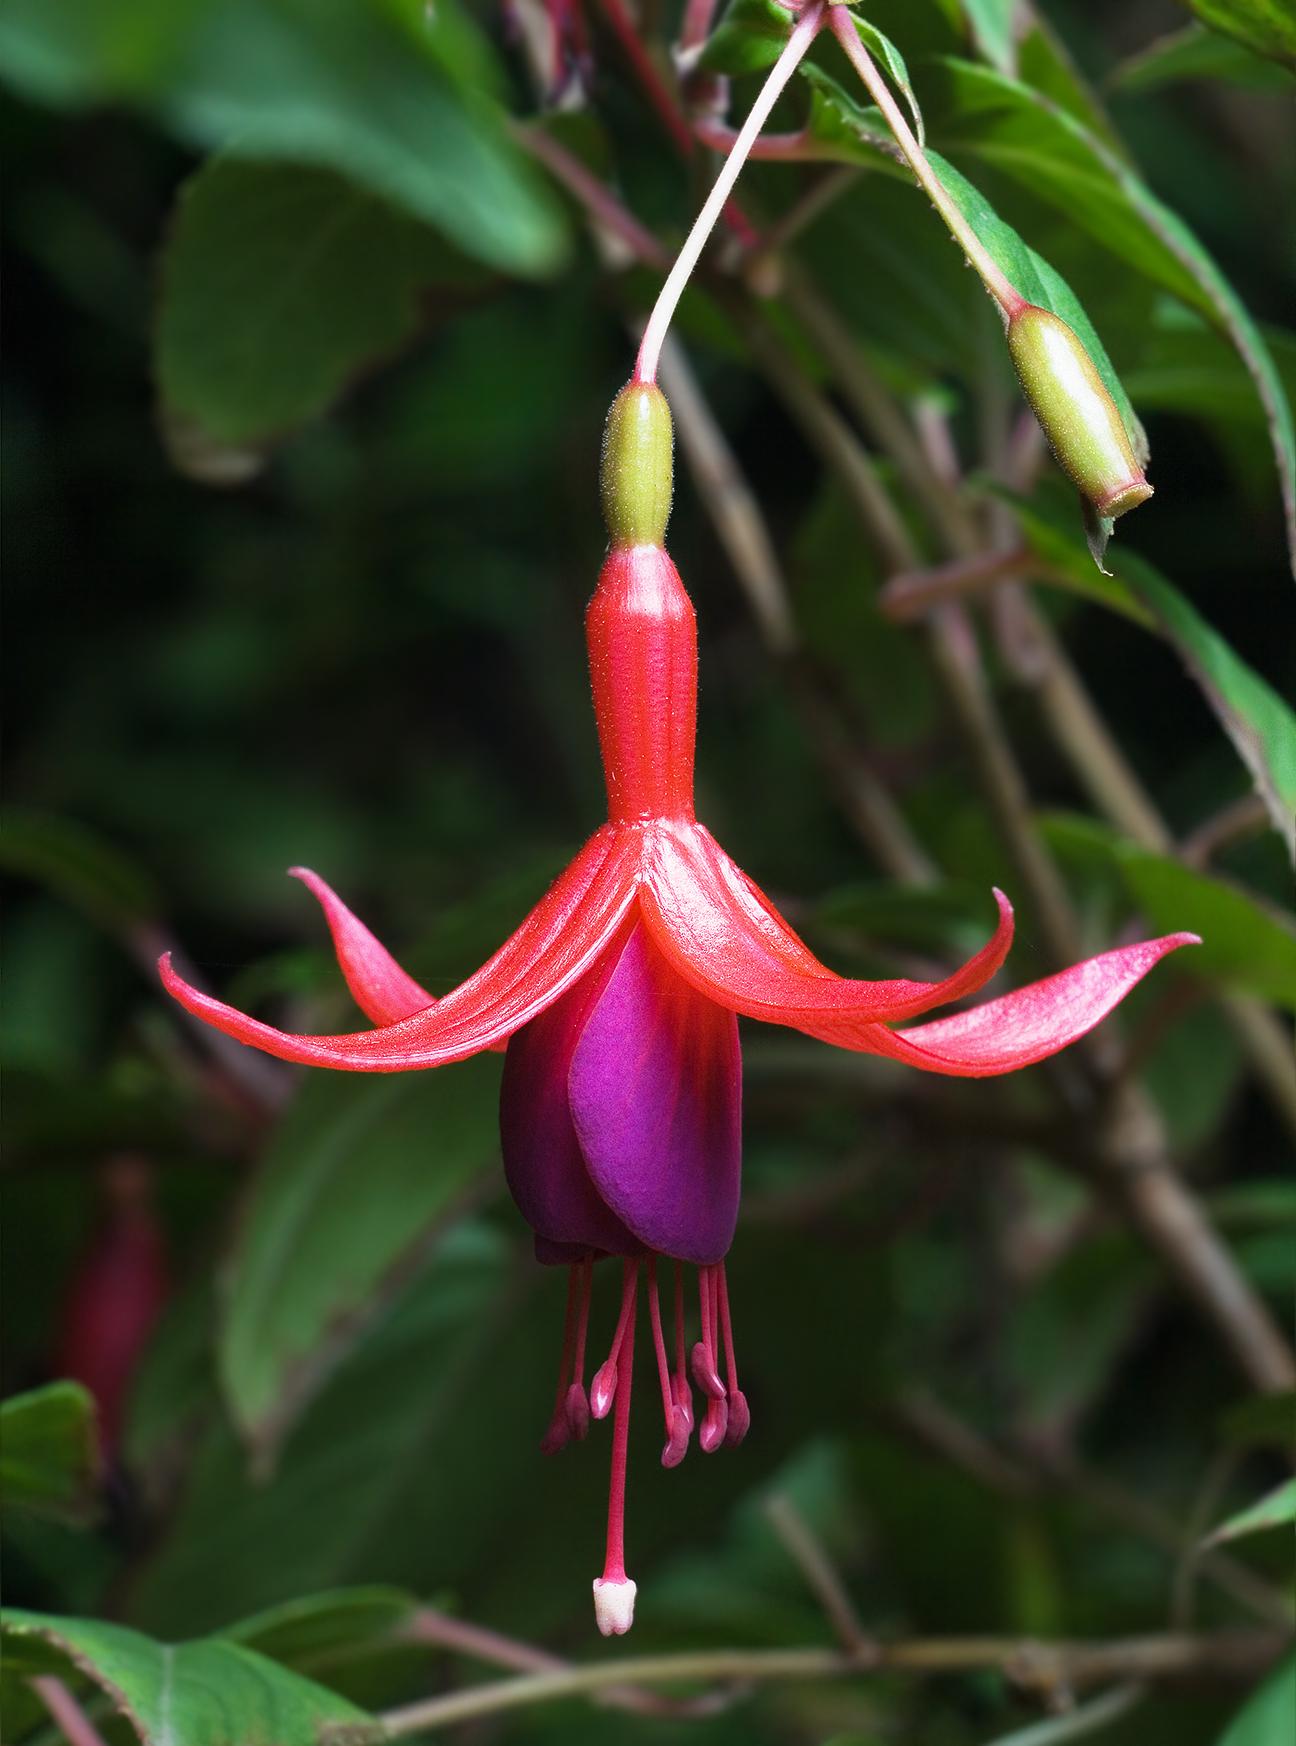 Fucsia: Cultivo, riego y enfermedades